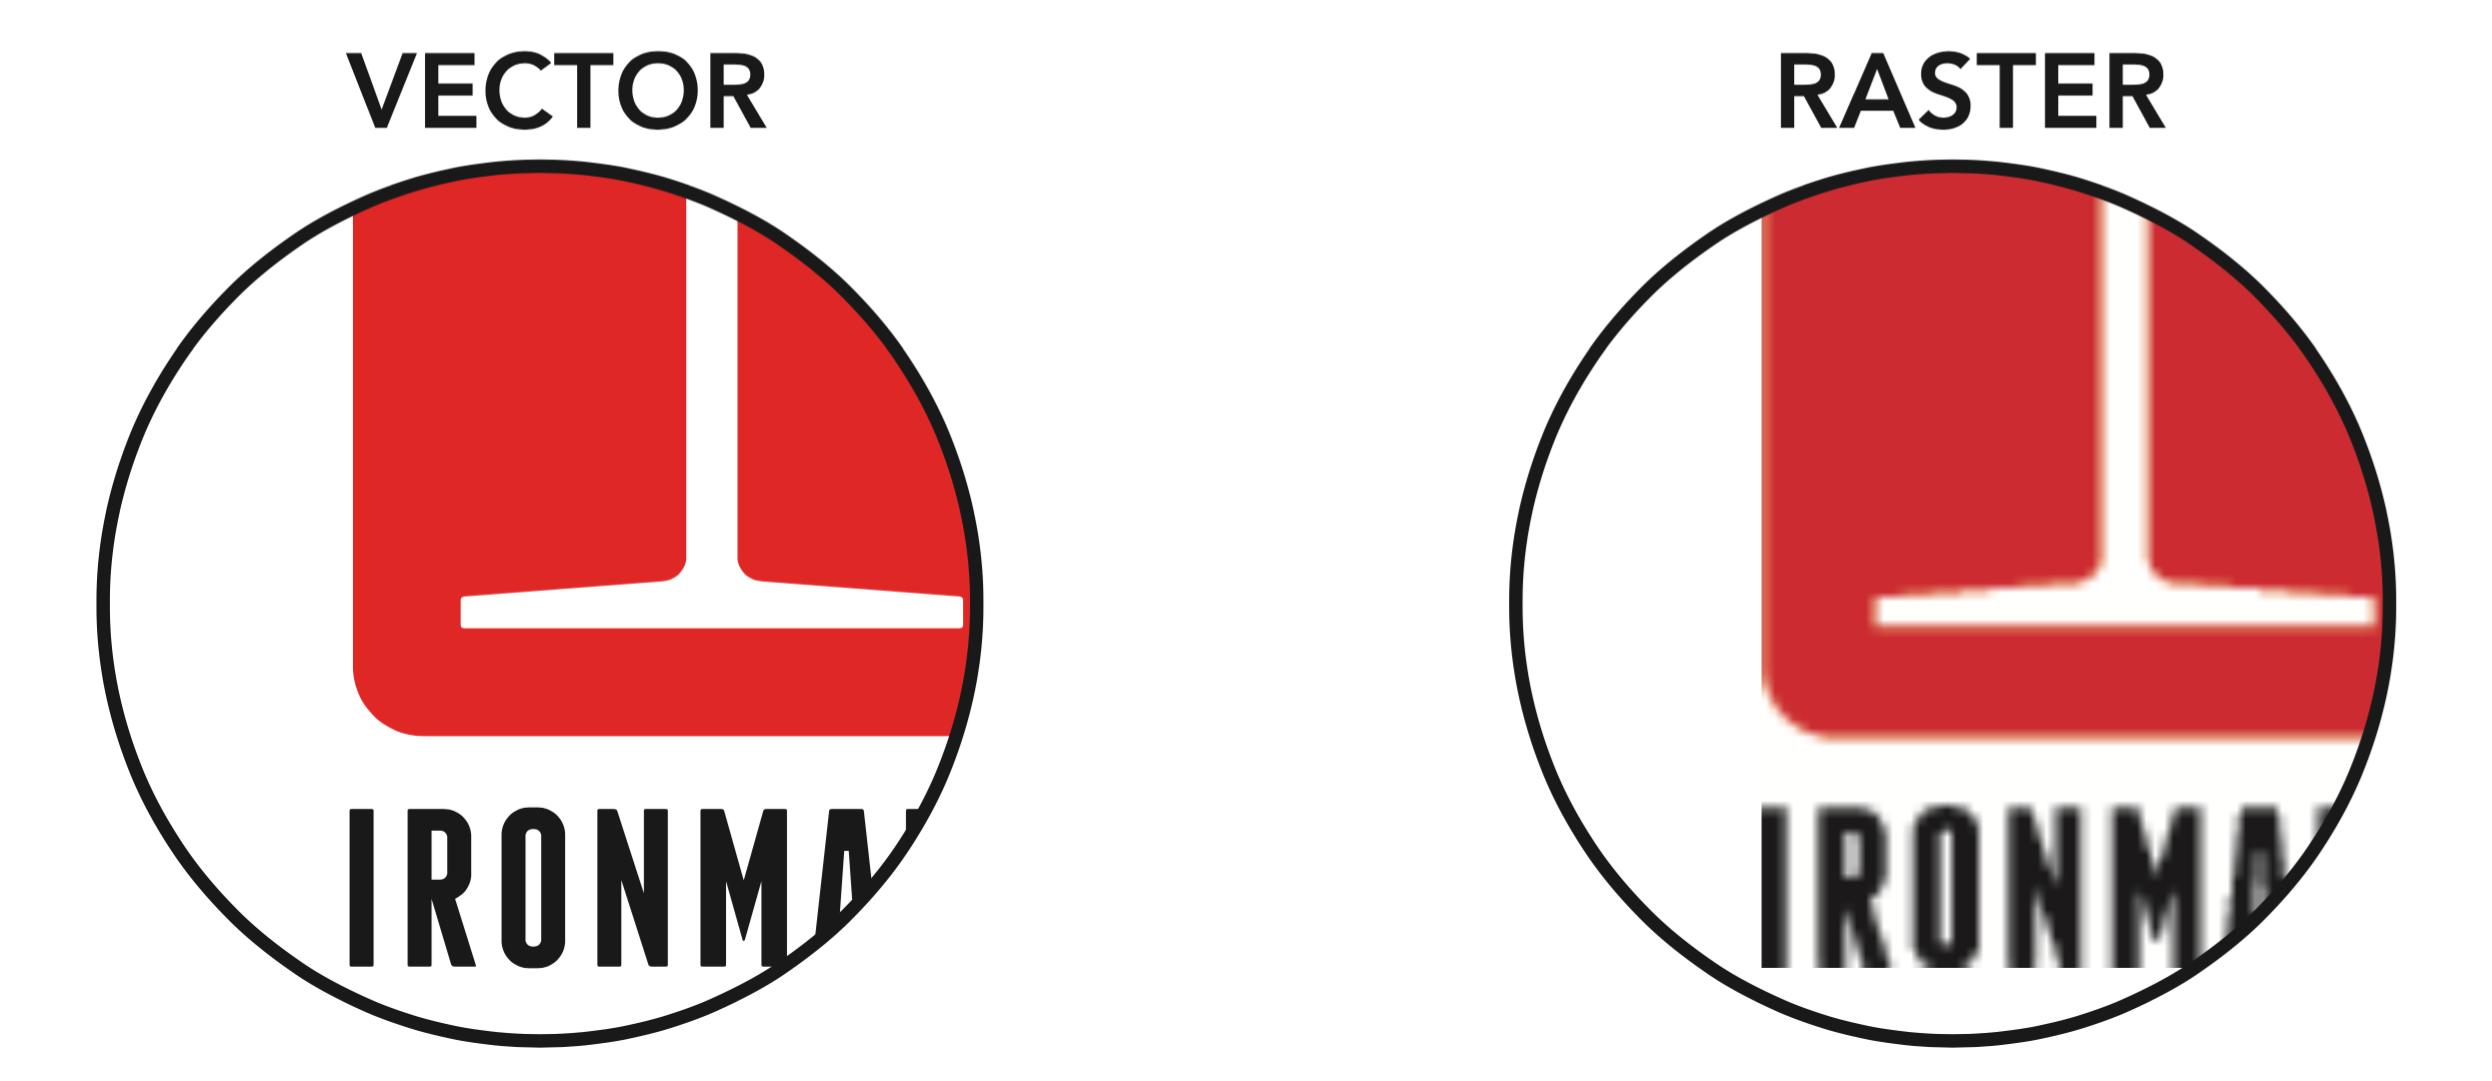 Vector vs. Raster Design Files | Ironmark, Annapolis Junction, MD